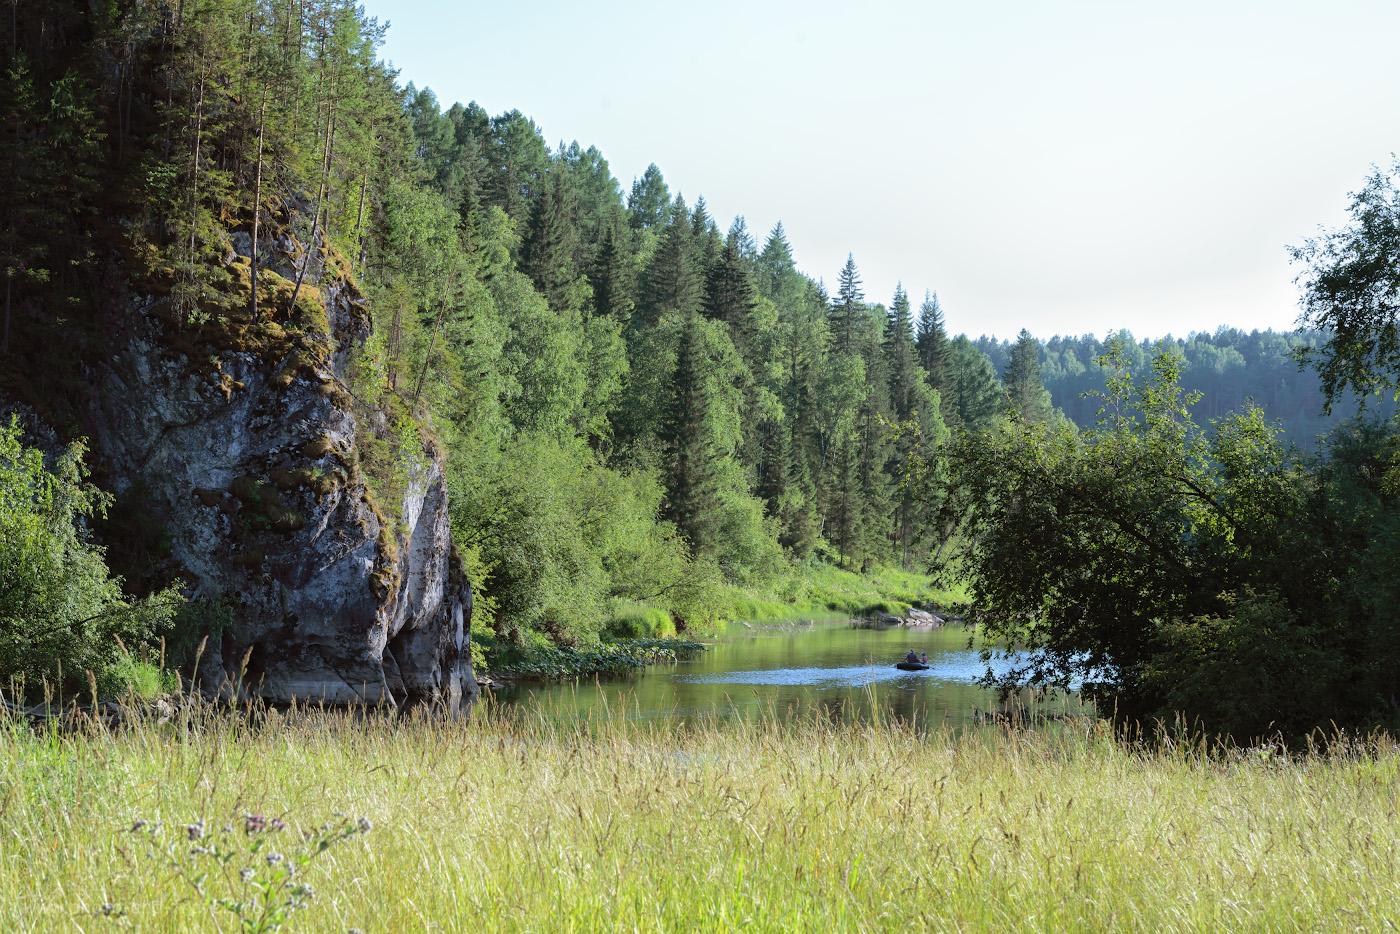 Фото 15. Сплав по реке Серга на плоту. Слева – «большая» скала, пещера Аракаевская находится где-то там, за поворотом. 1/200, 10.0, 450, -0.67, 90.